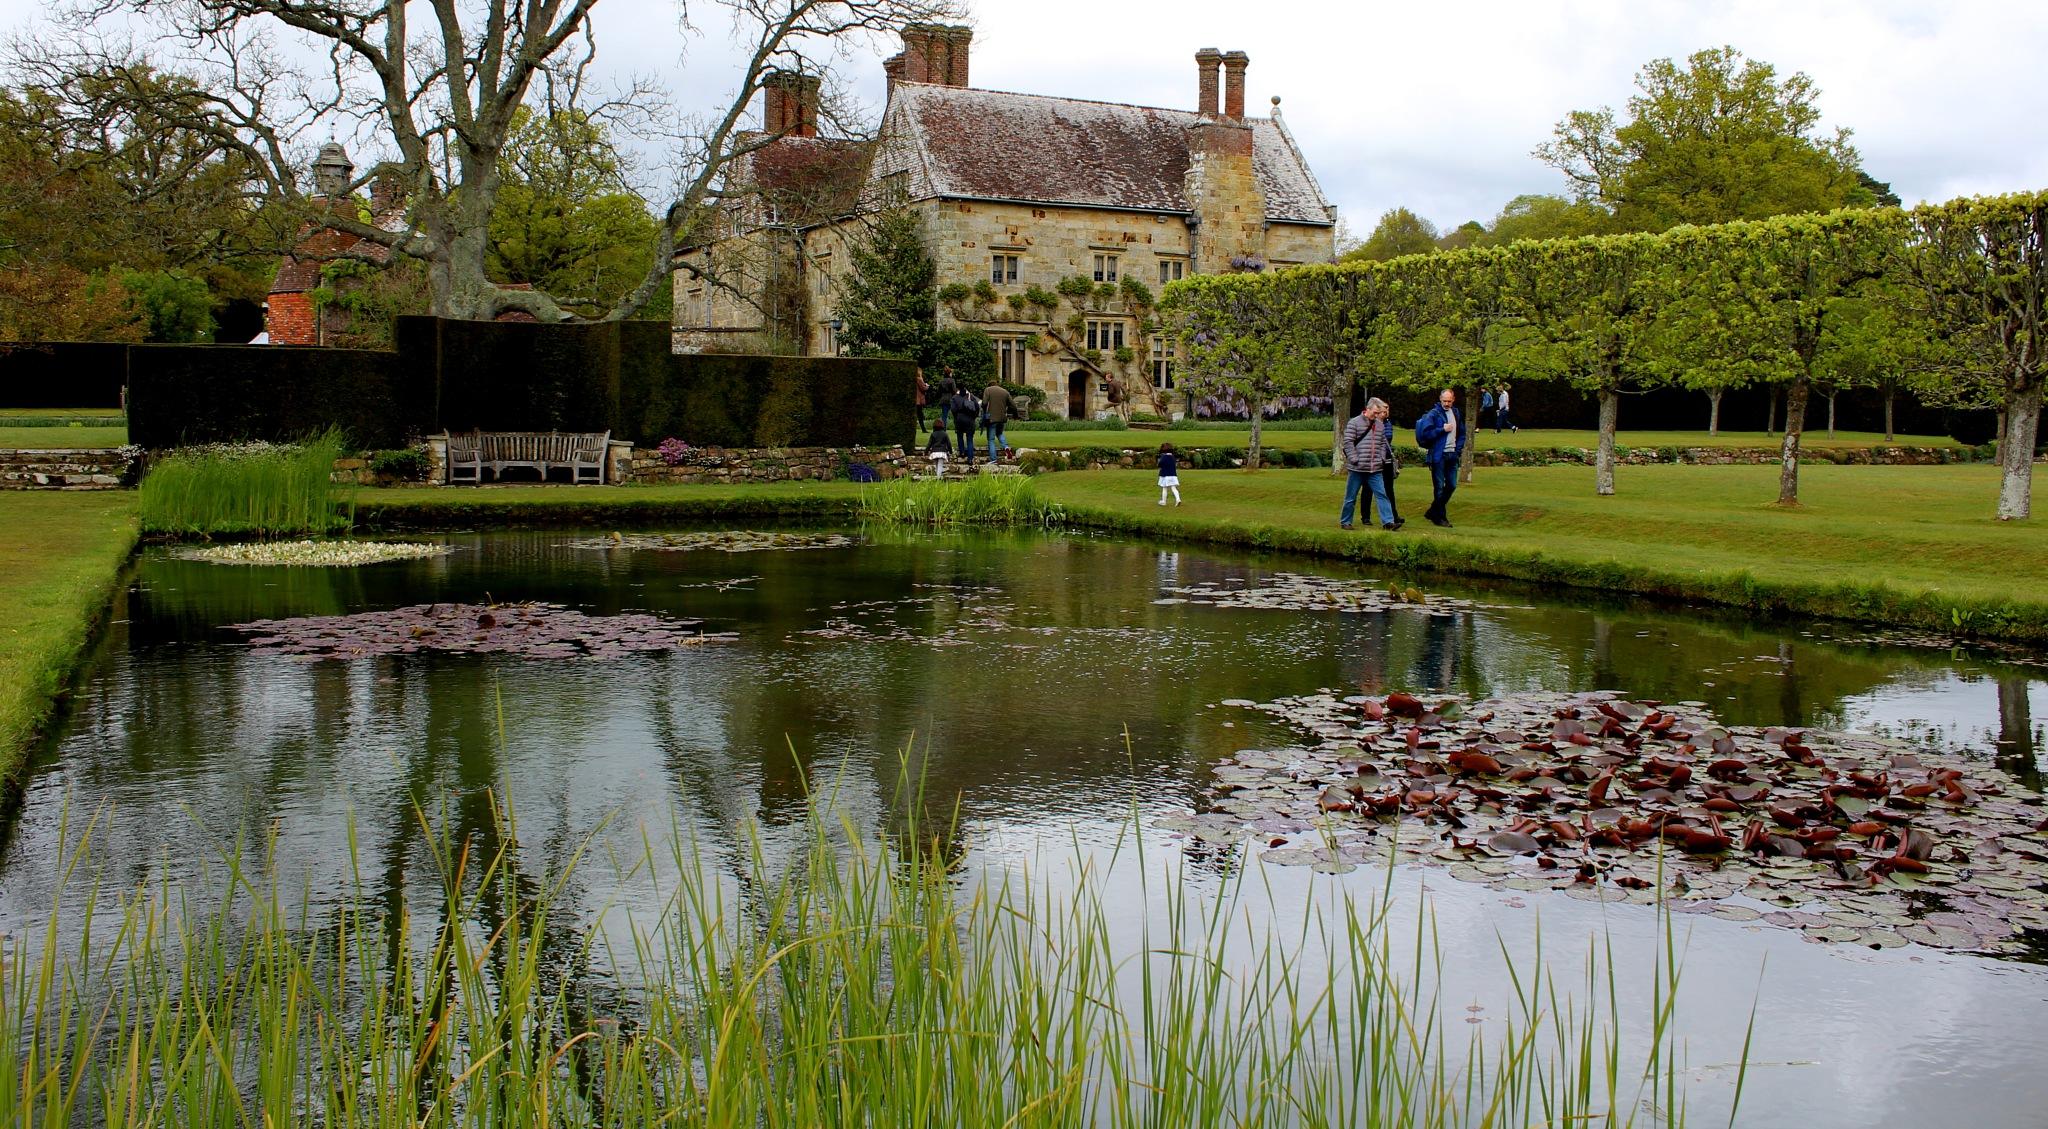 Rudyard Kiplings home in Sussex UK by johne7